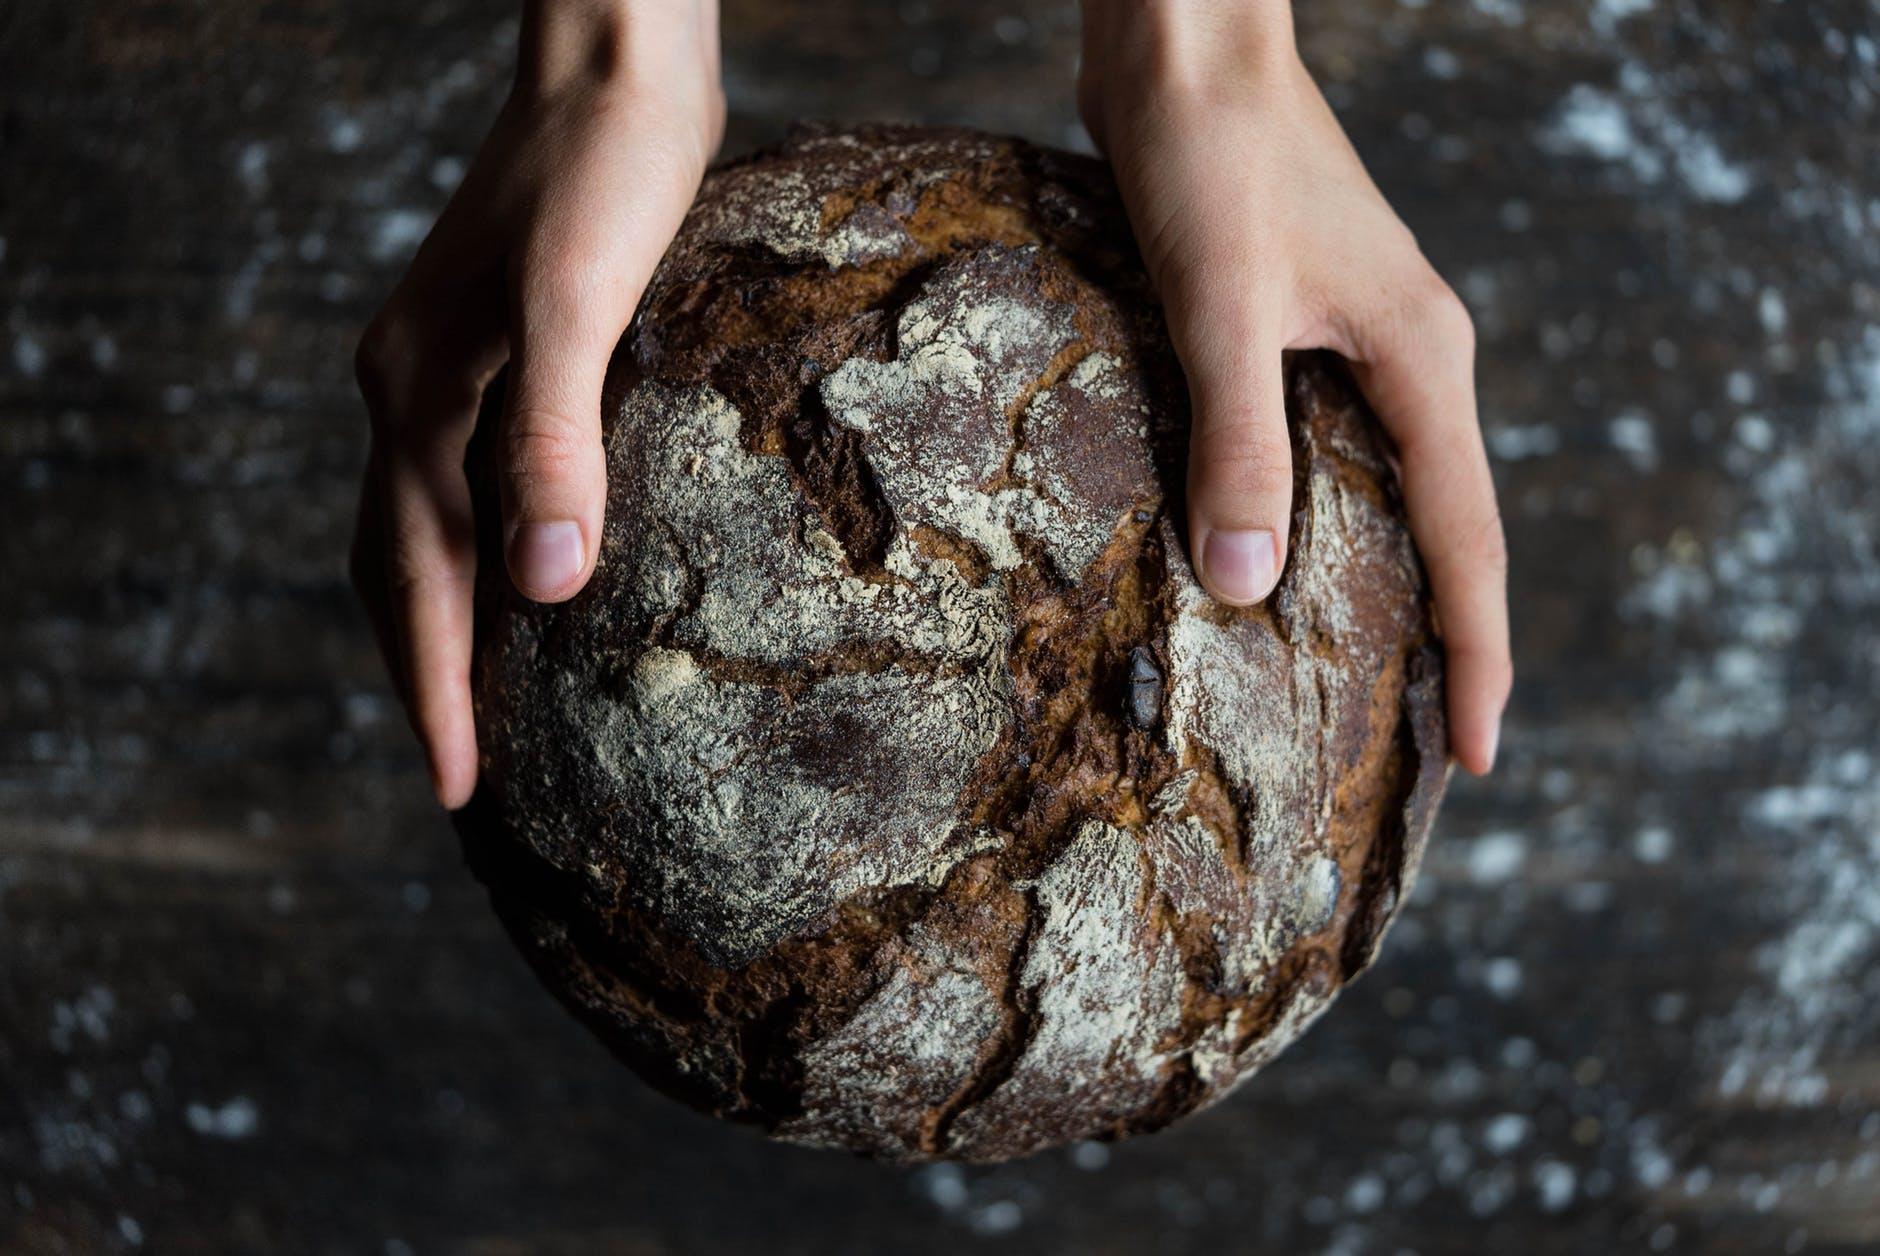 A apărut pâinea din făină de greier. Cât costă și câte insecte se pun într-o franzelă